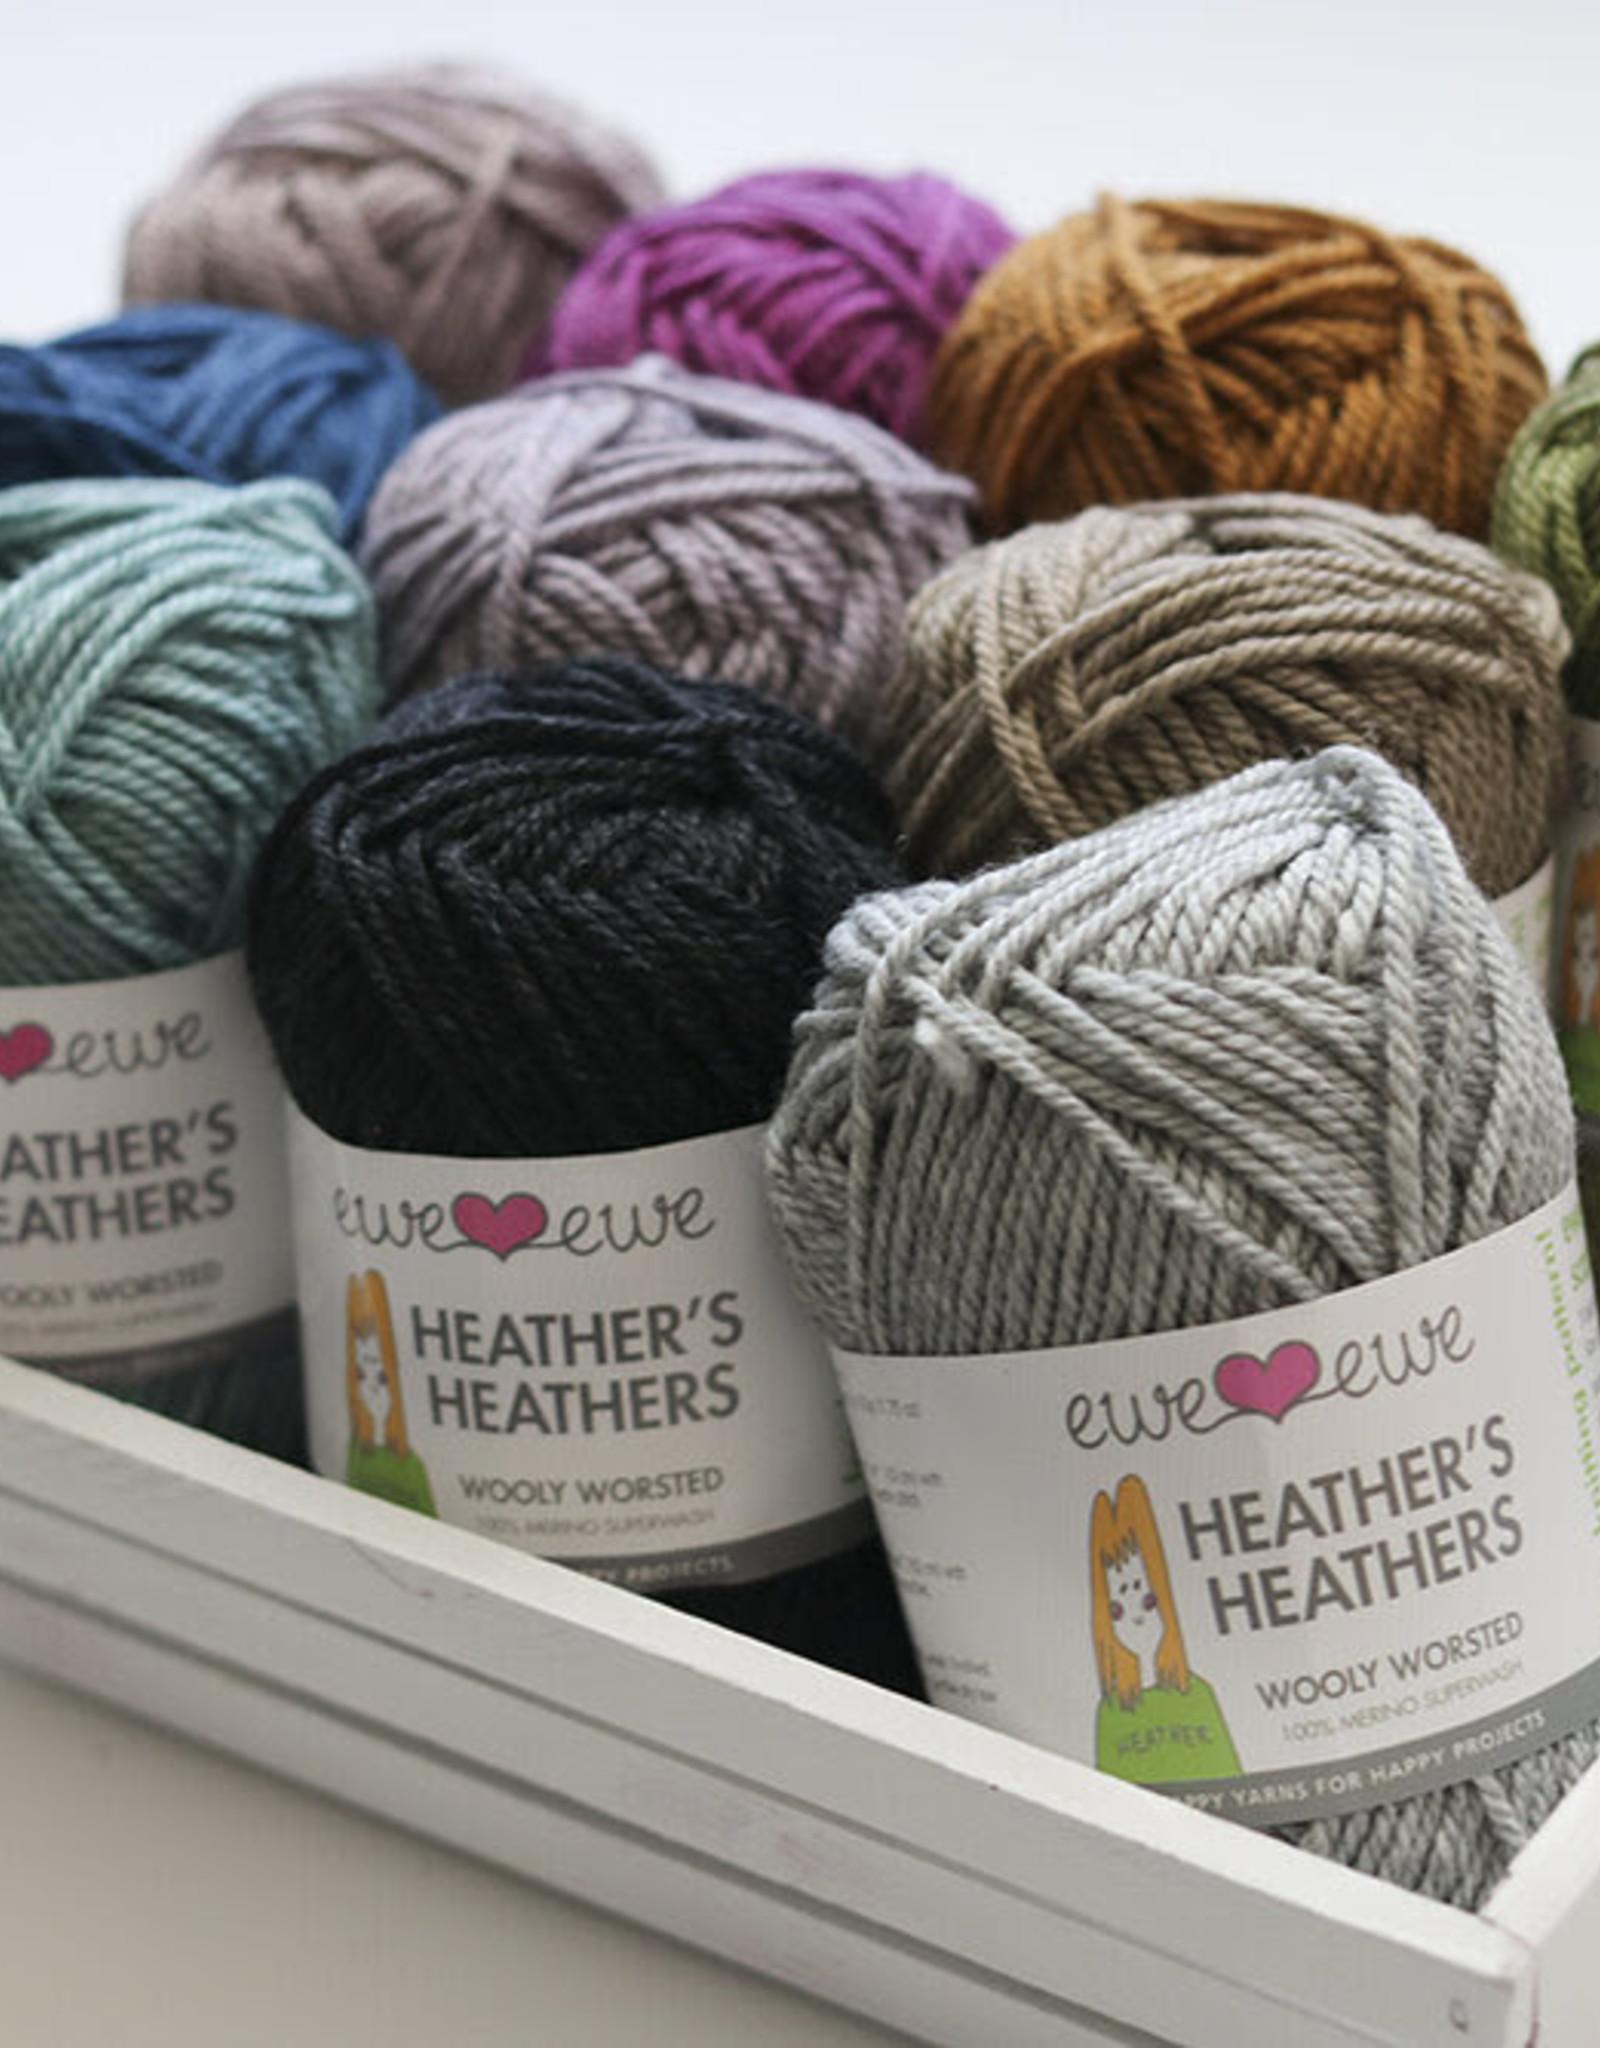 Ewe Ewe Wooly Worsted -- Heather's Heathers